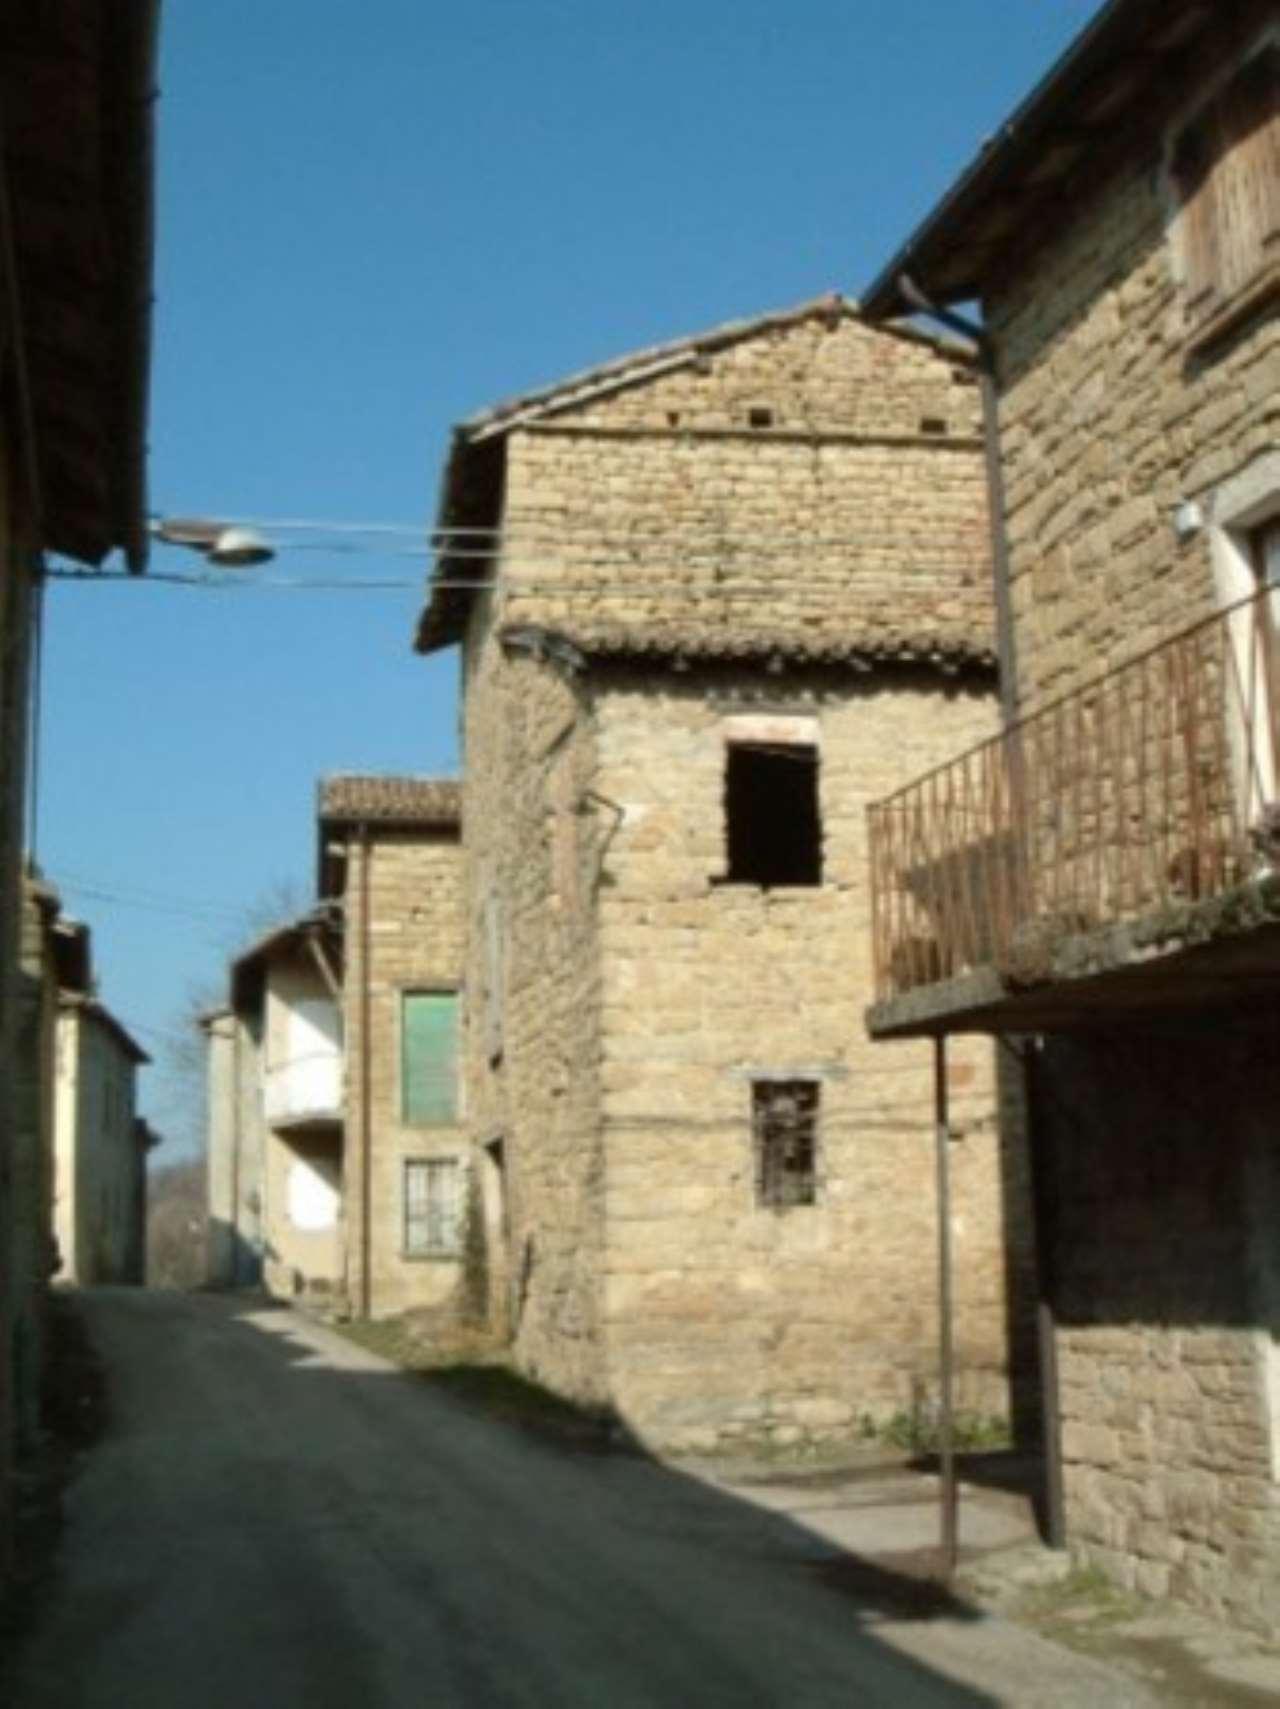 Rustico / Casale in vendita a Vetto, 9999 locali, prezzo € 65.000 | Cambio Casa.it